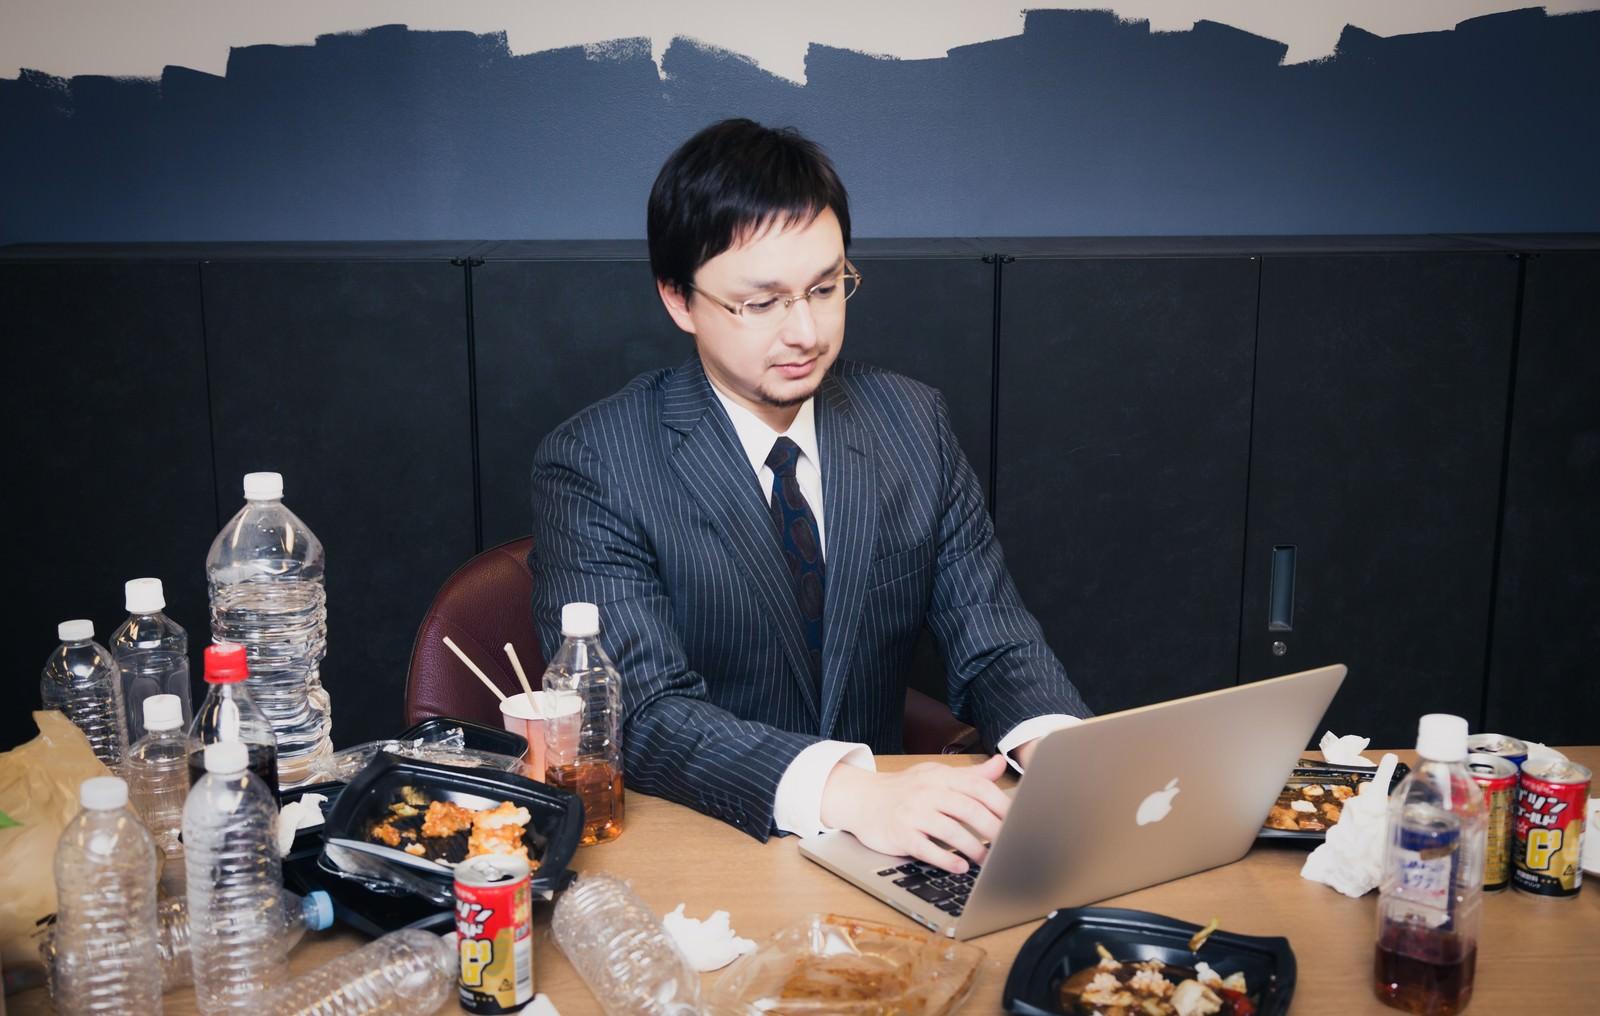 「飲みかけの大量のペットボトルと食べかけのカップラーメンを放置して仕事する同僚 | 写真の無料素材・フリー素材 - ぱくたそ」の写真[モデル:Max_Ezaki]